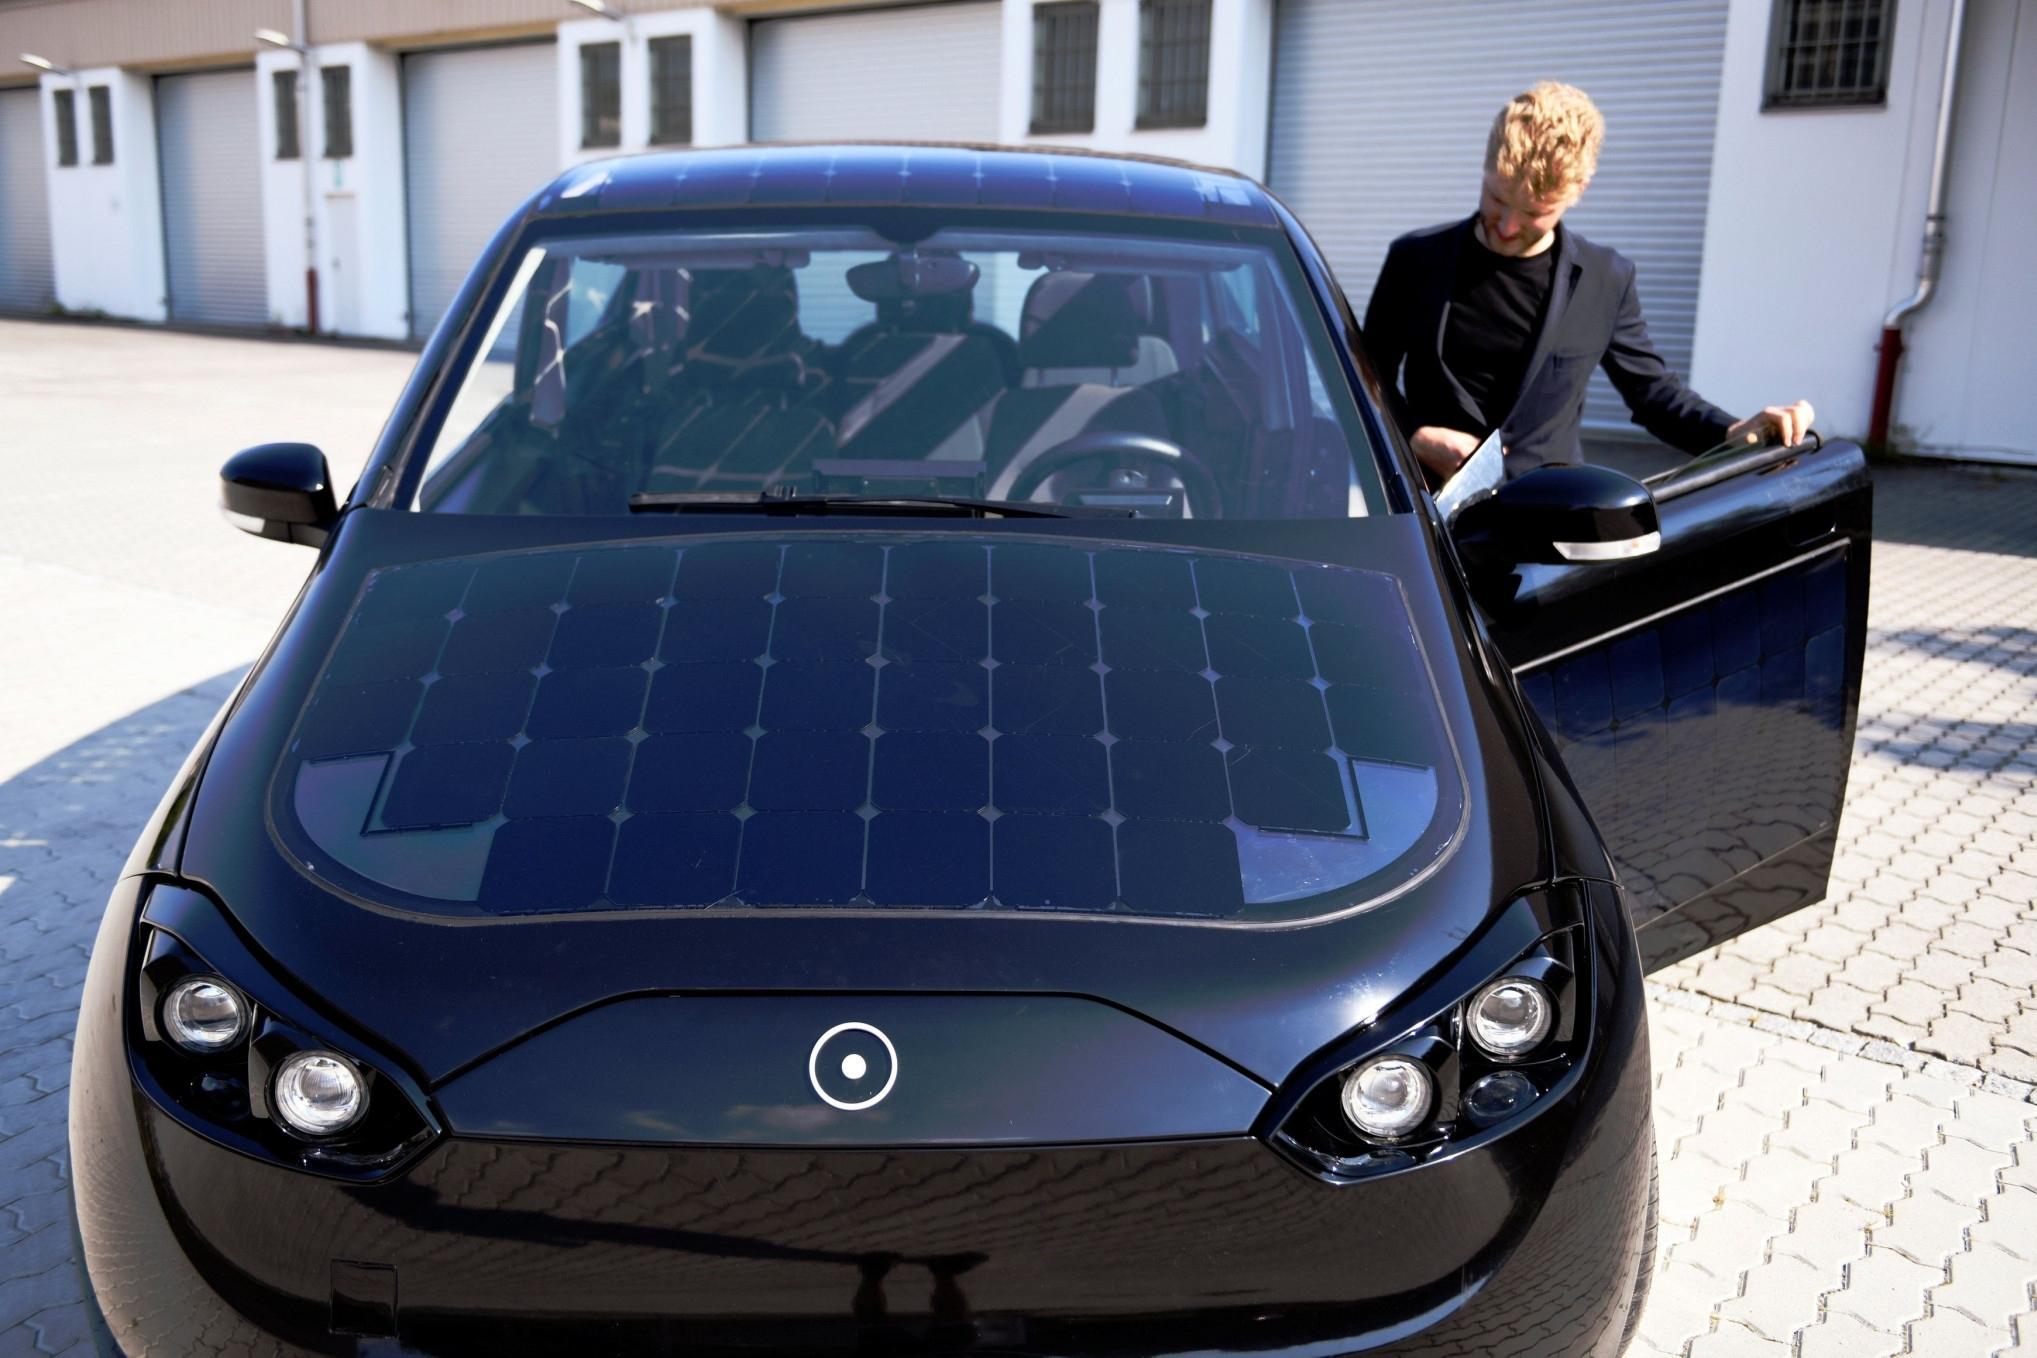 Imagem de Por que carros movidos a energia solar ainda não são viáveis? no tecmundo